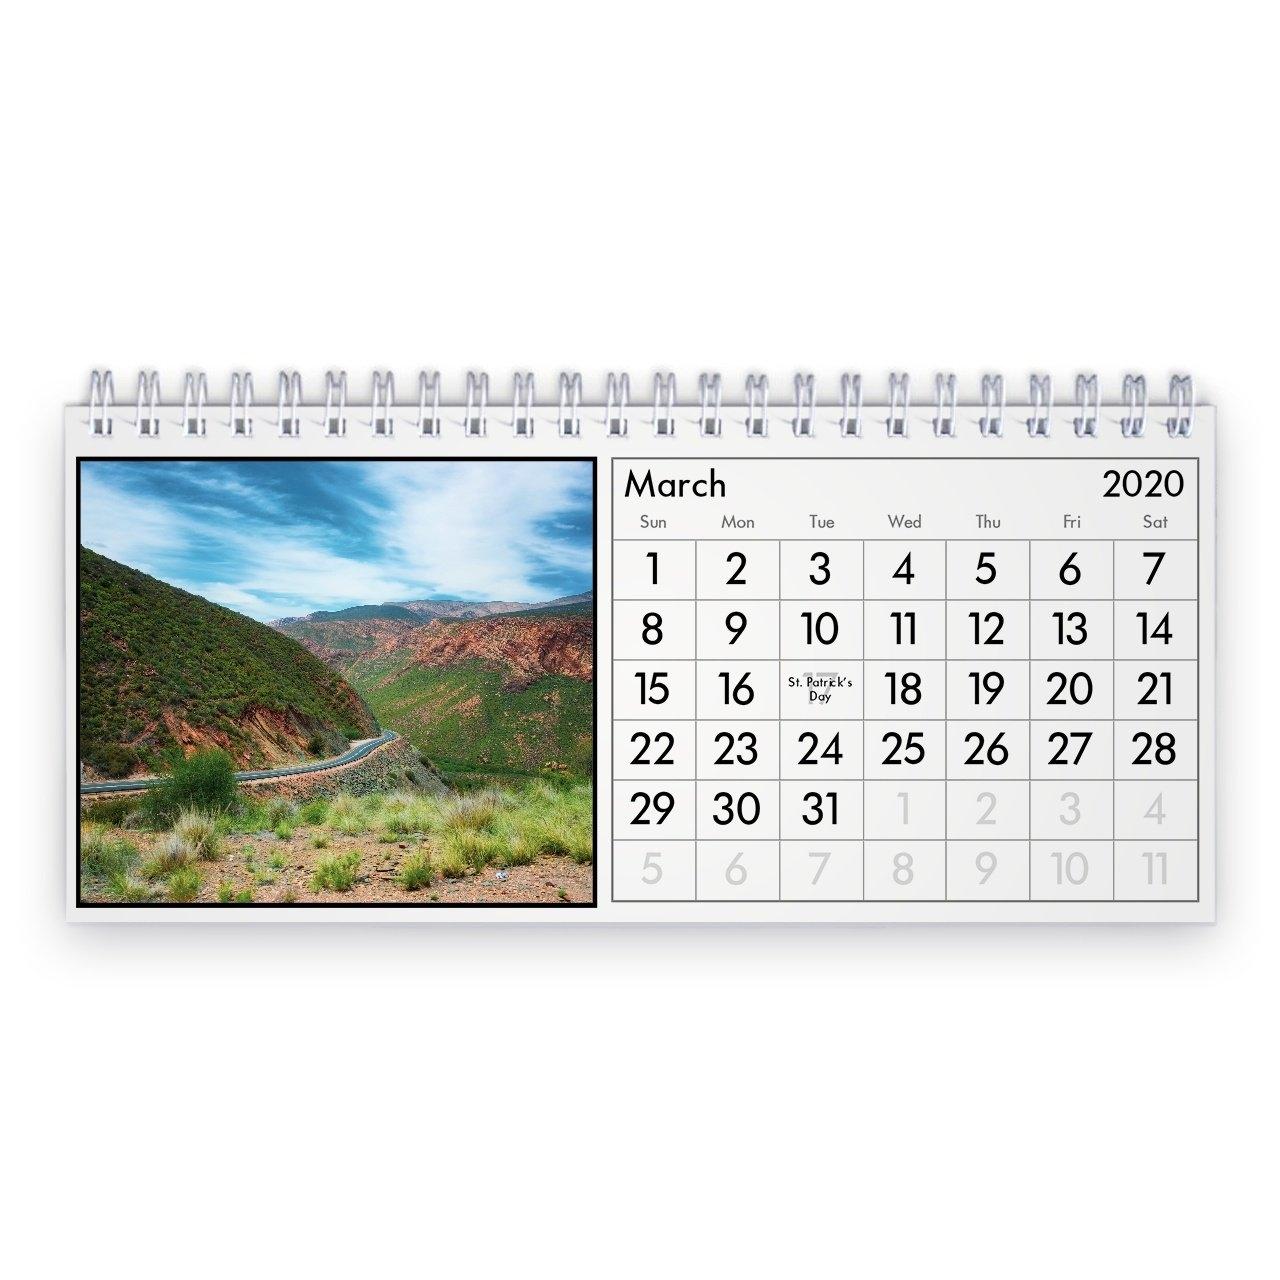 South Africa 2021 Desk Calendar with South Australia Calendar 2021 Graphics